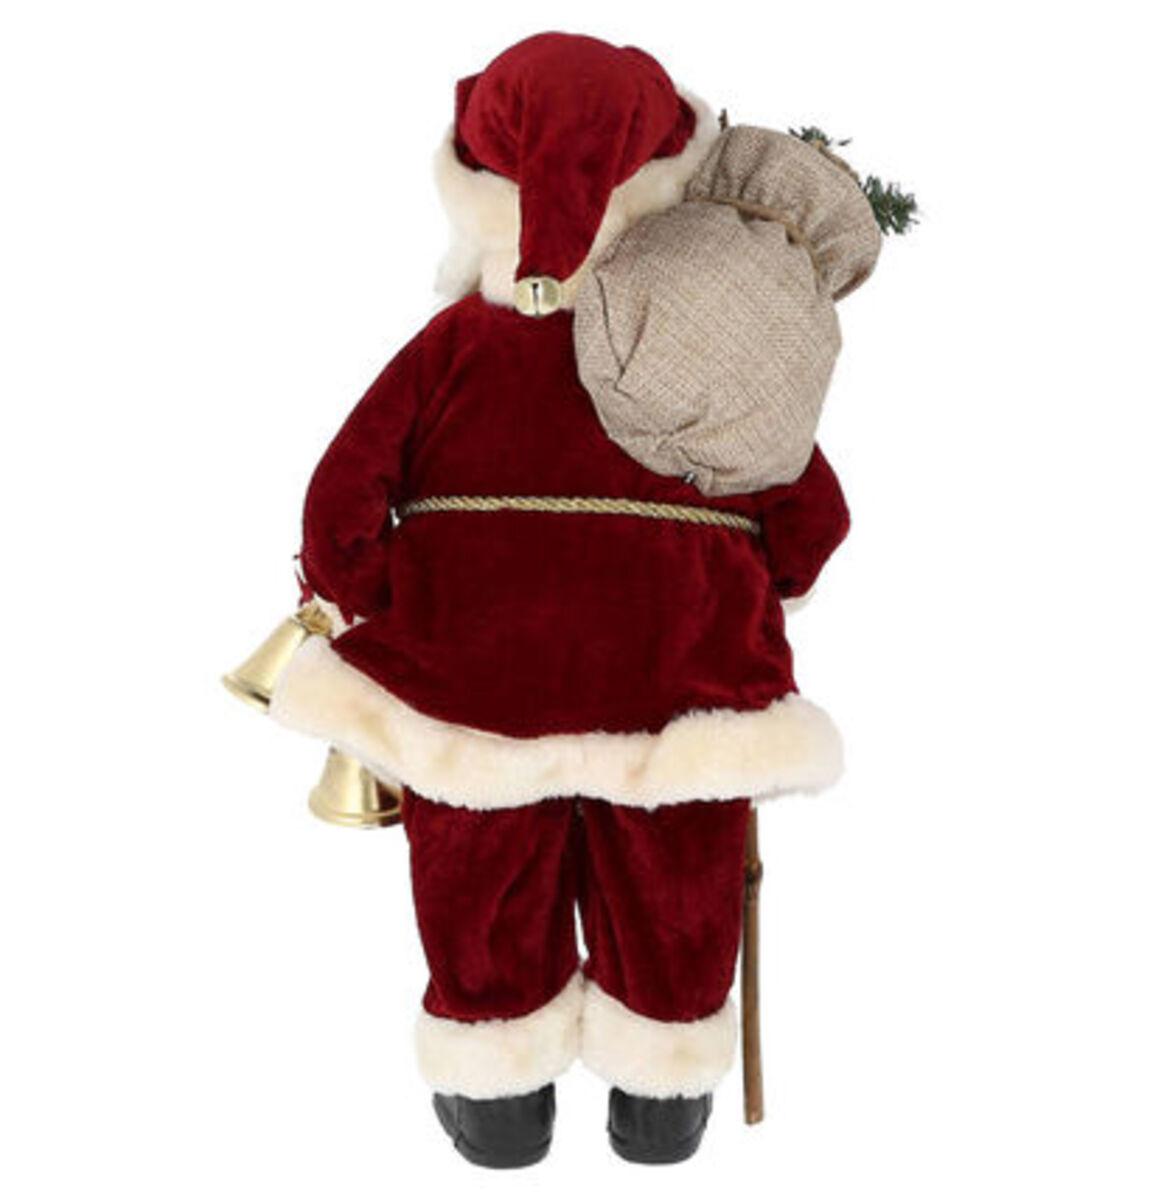 """Bild 2 von Galeria Selection Weihnachtsfigur """"Weihnachtsmann"""", 38 cm, bordeaux"""